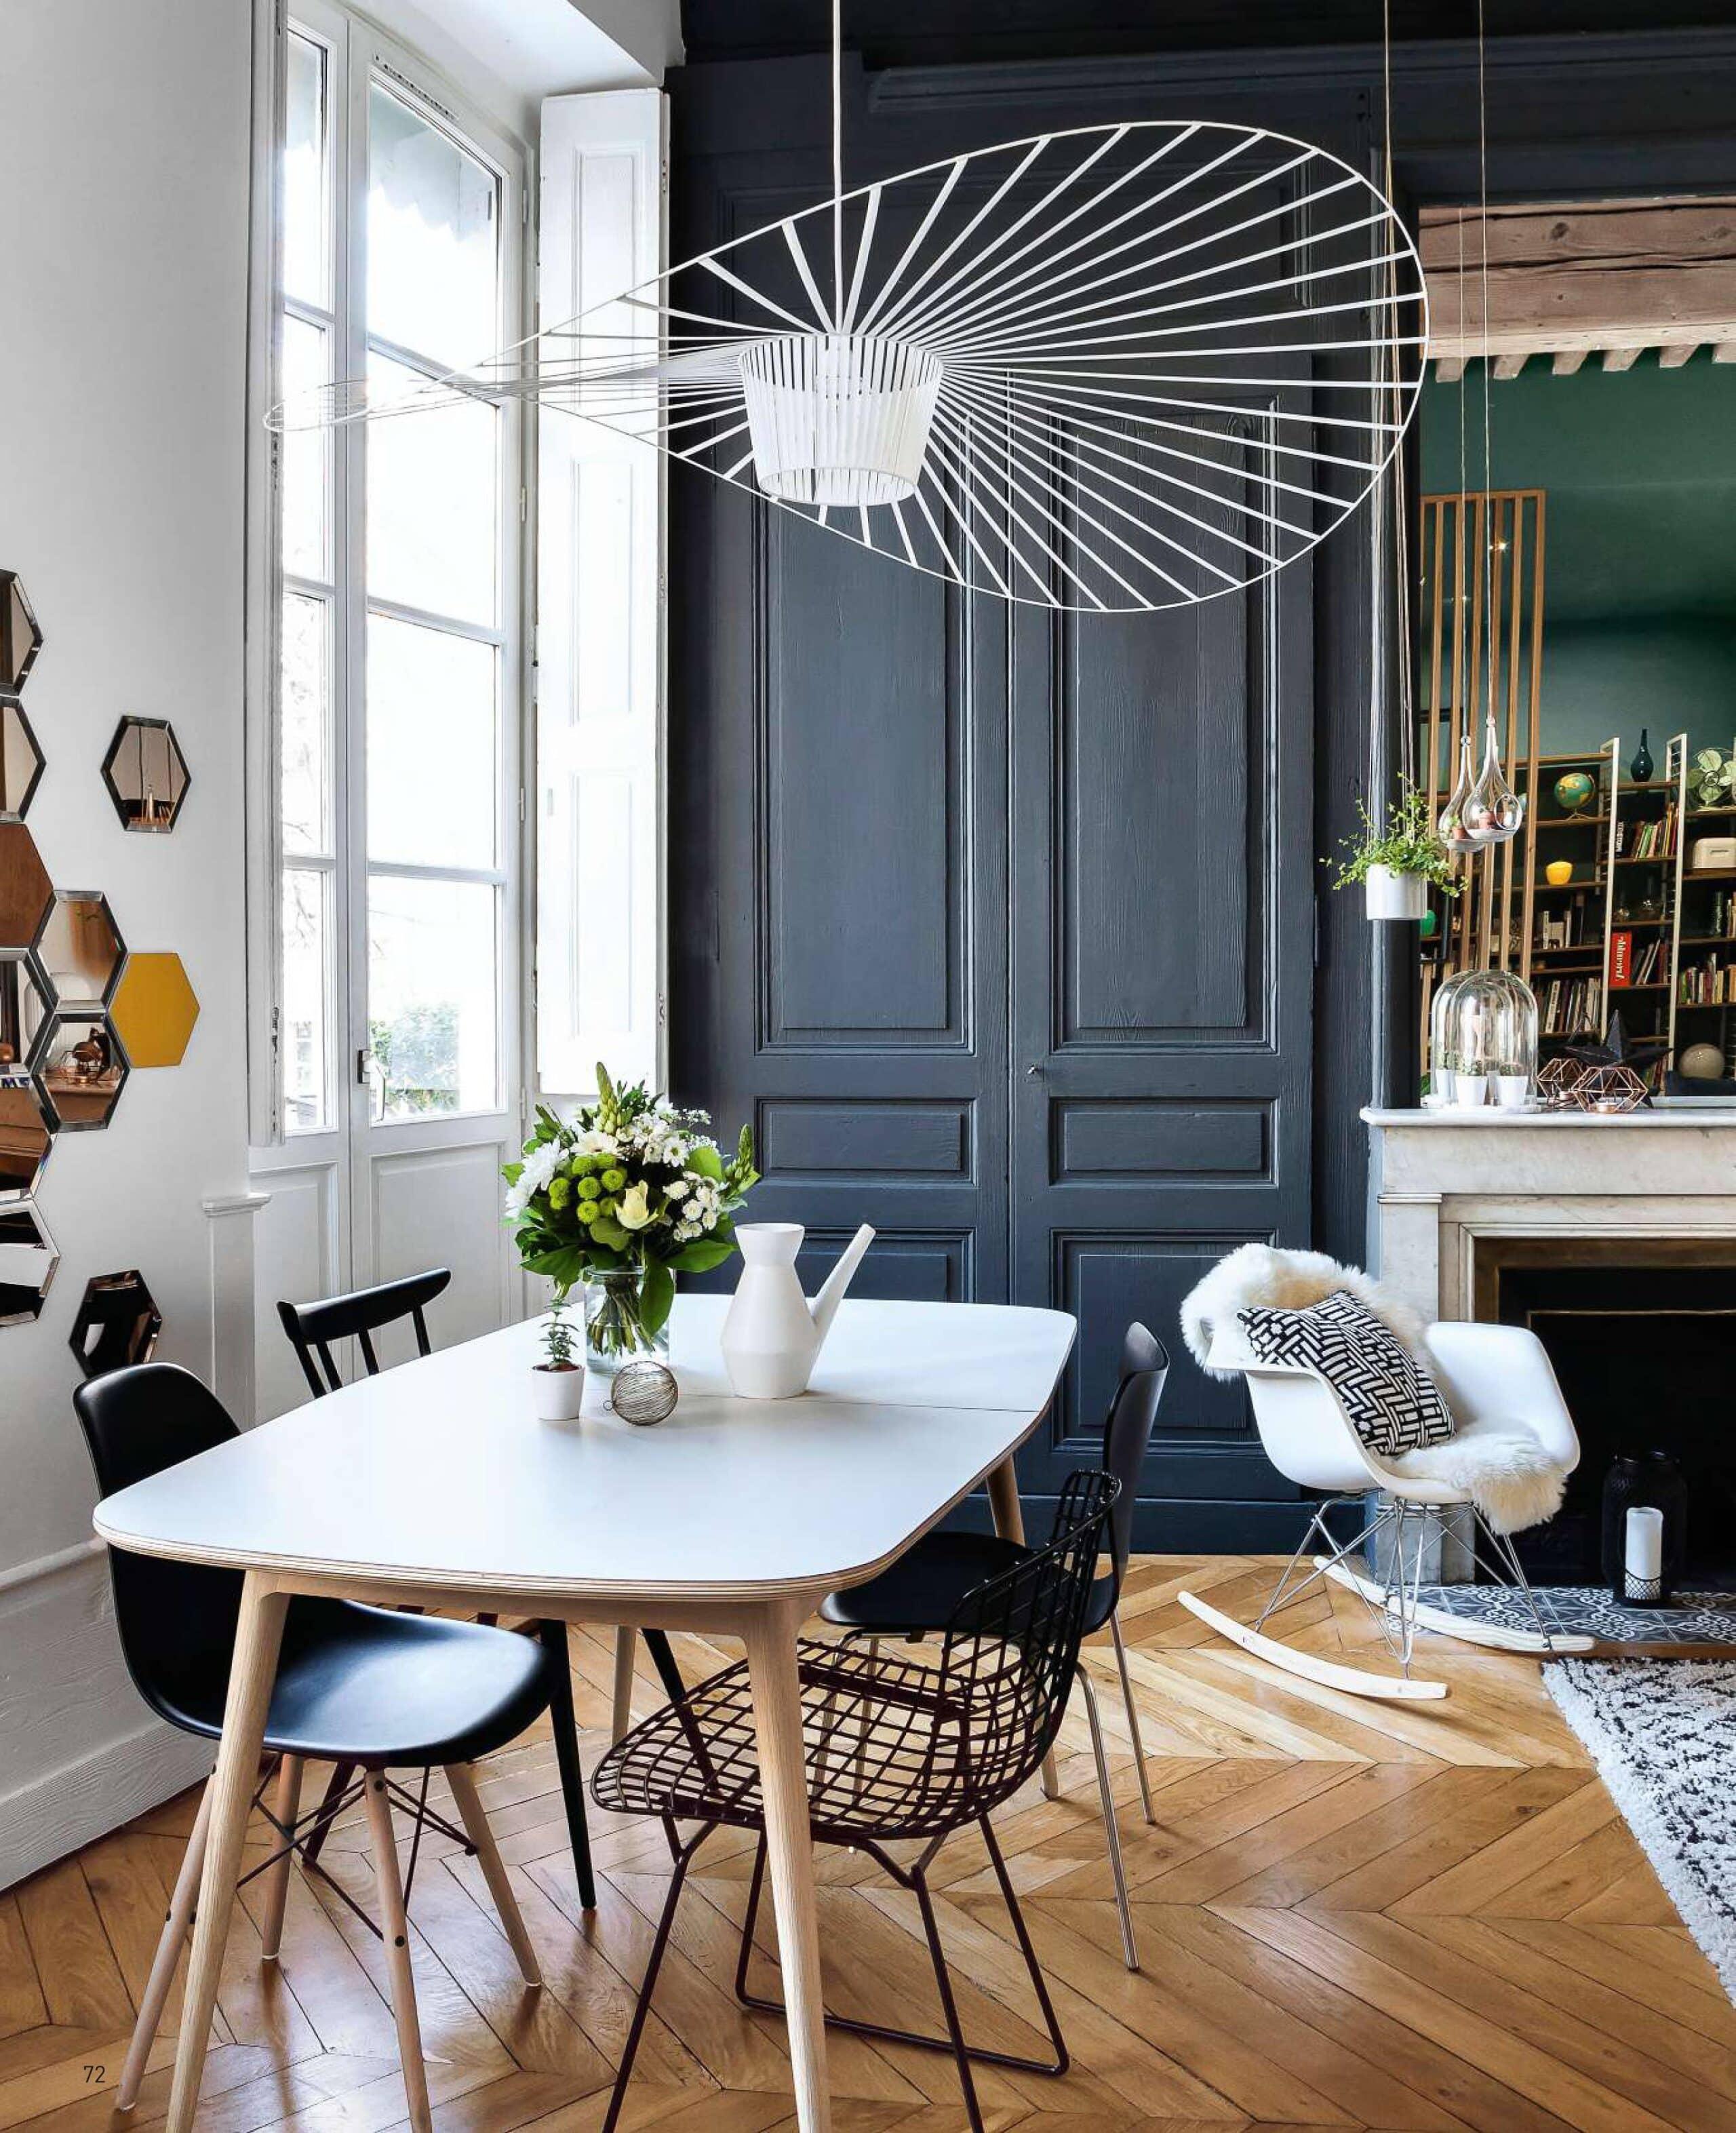 Presse actus architecture d 39 int rieur d co lyon - Decoration interieur lyon ...